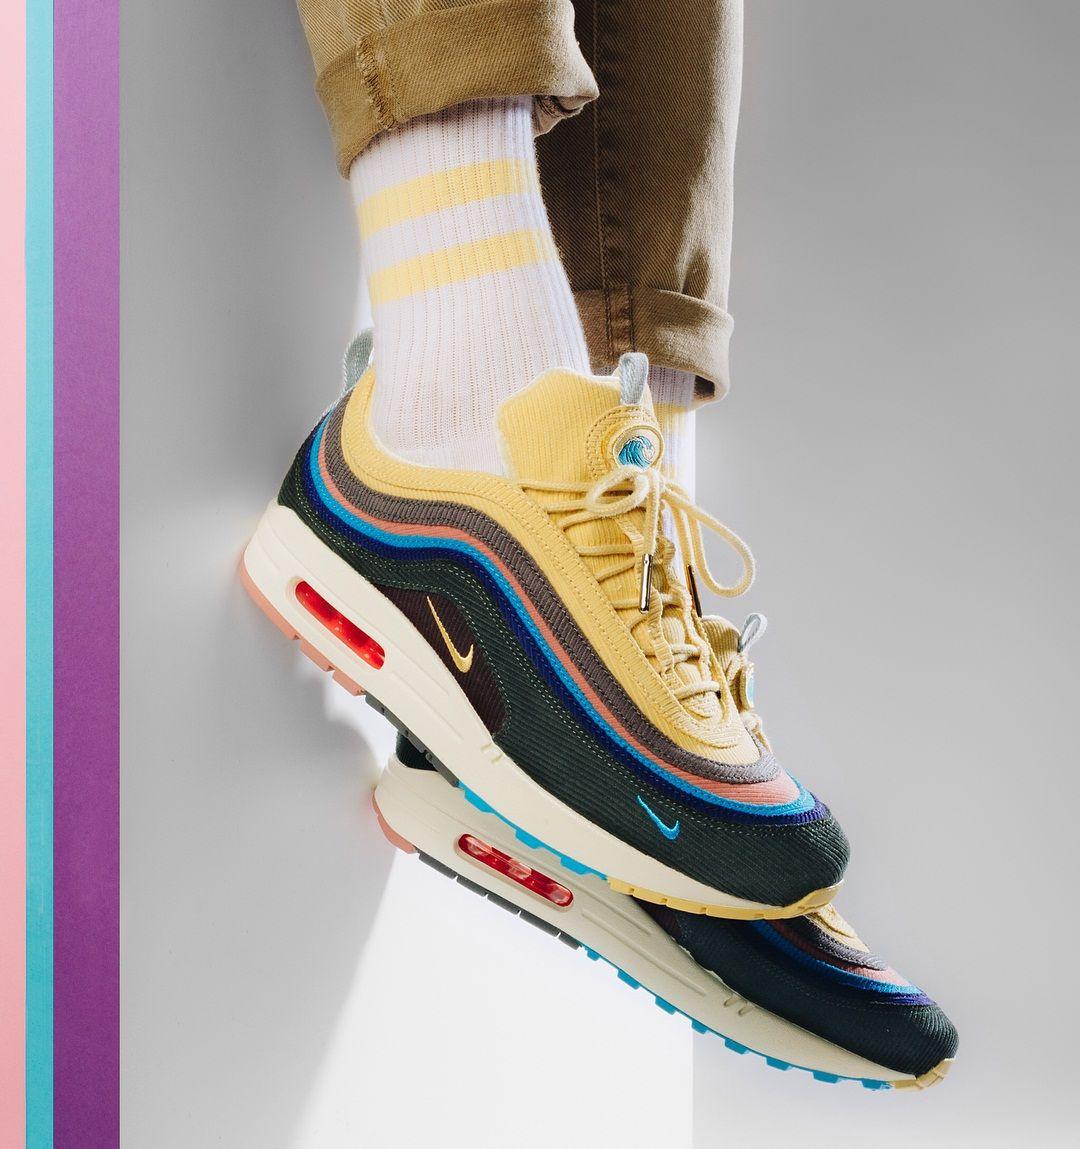 Air Max 97 1 Hybrid Sean Wotherspoon Sneakers Nike Air Max Mens Nike Shoes Nike Air Max